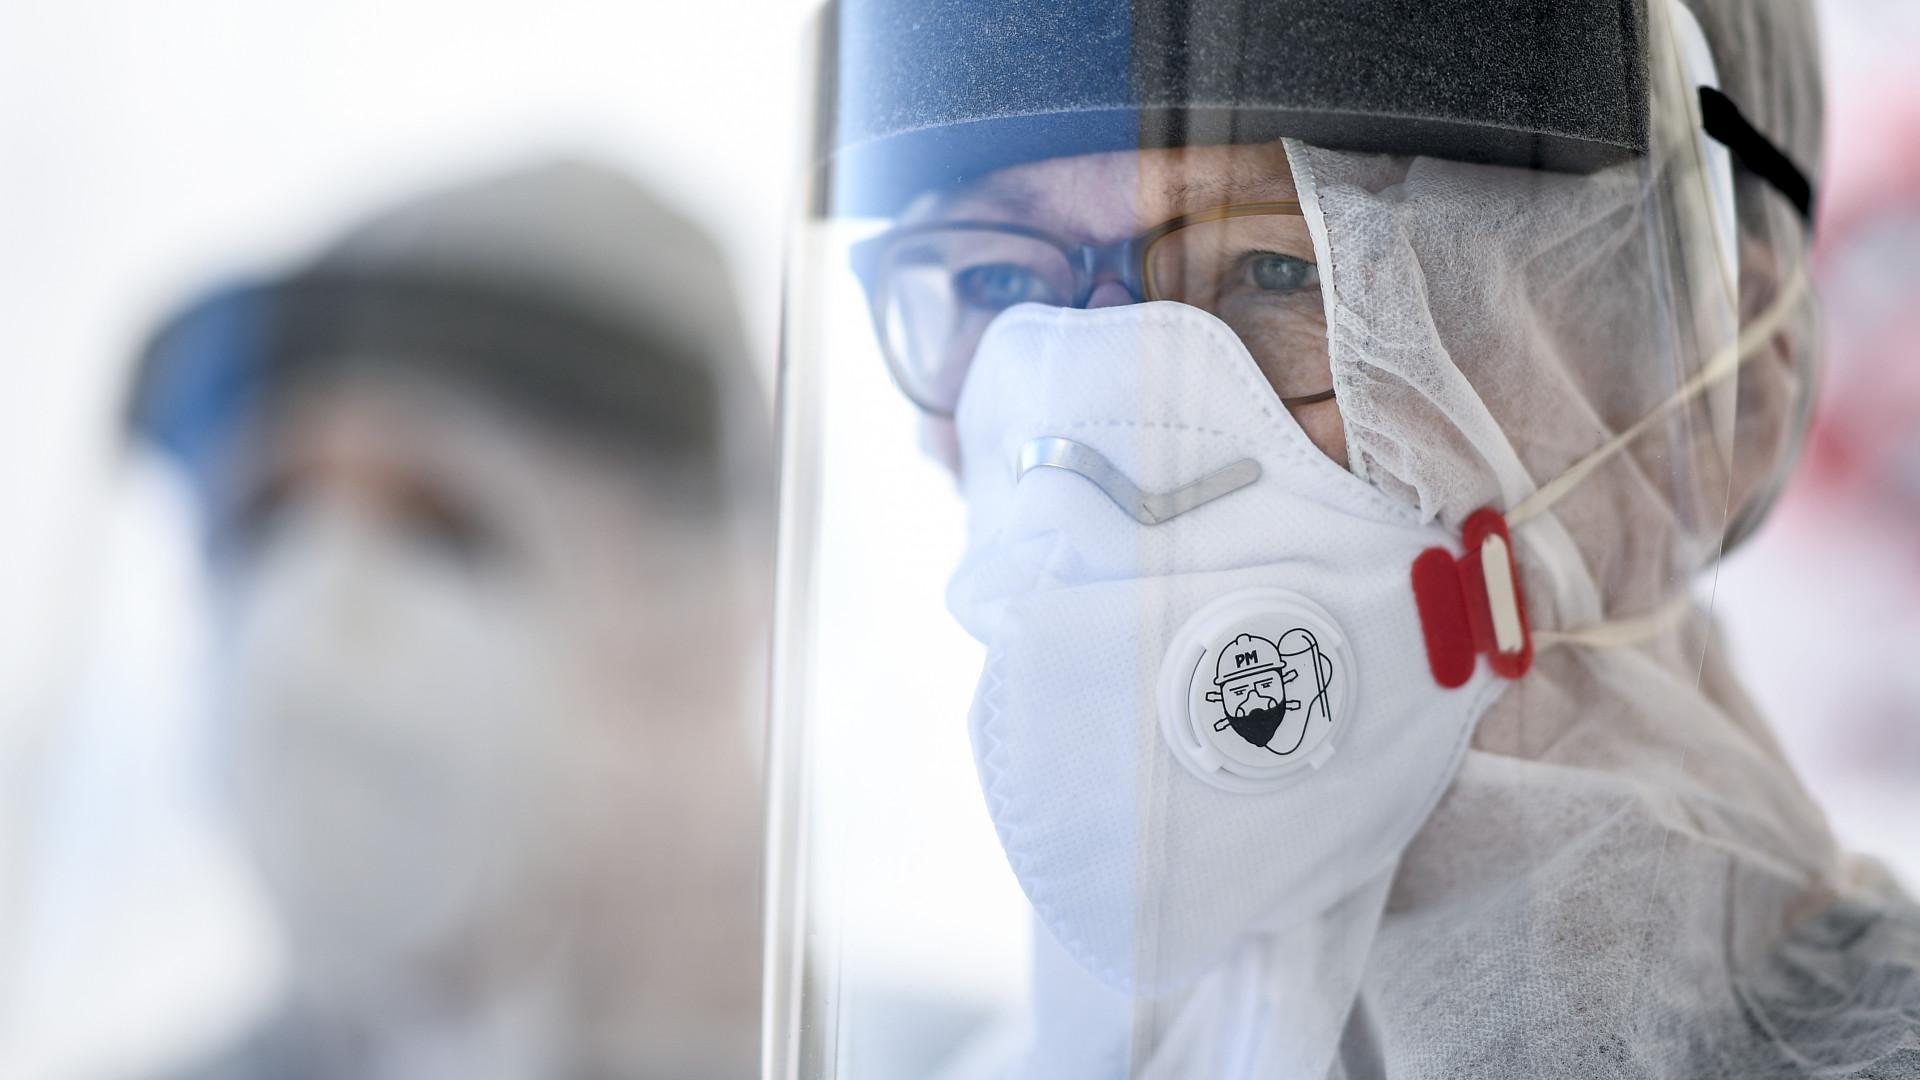 Koronavírus: Már nem Nagy-Britannia a negyedik legfertőzöttebb ország